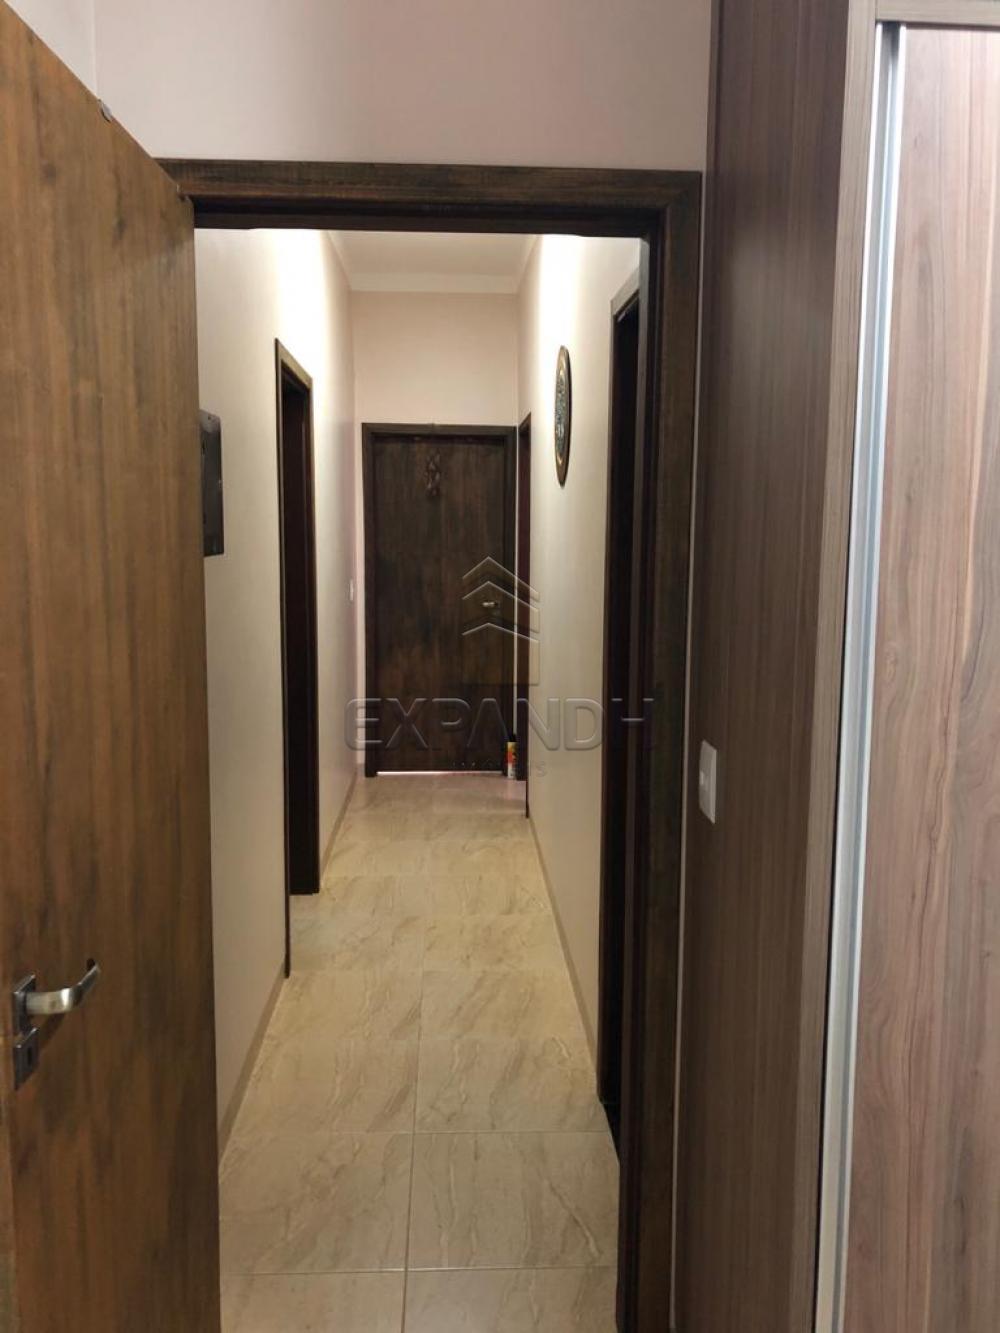 Comprar Casas / Padrão em Sertãozinho R$ 380.000,00 - Foto 16